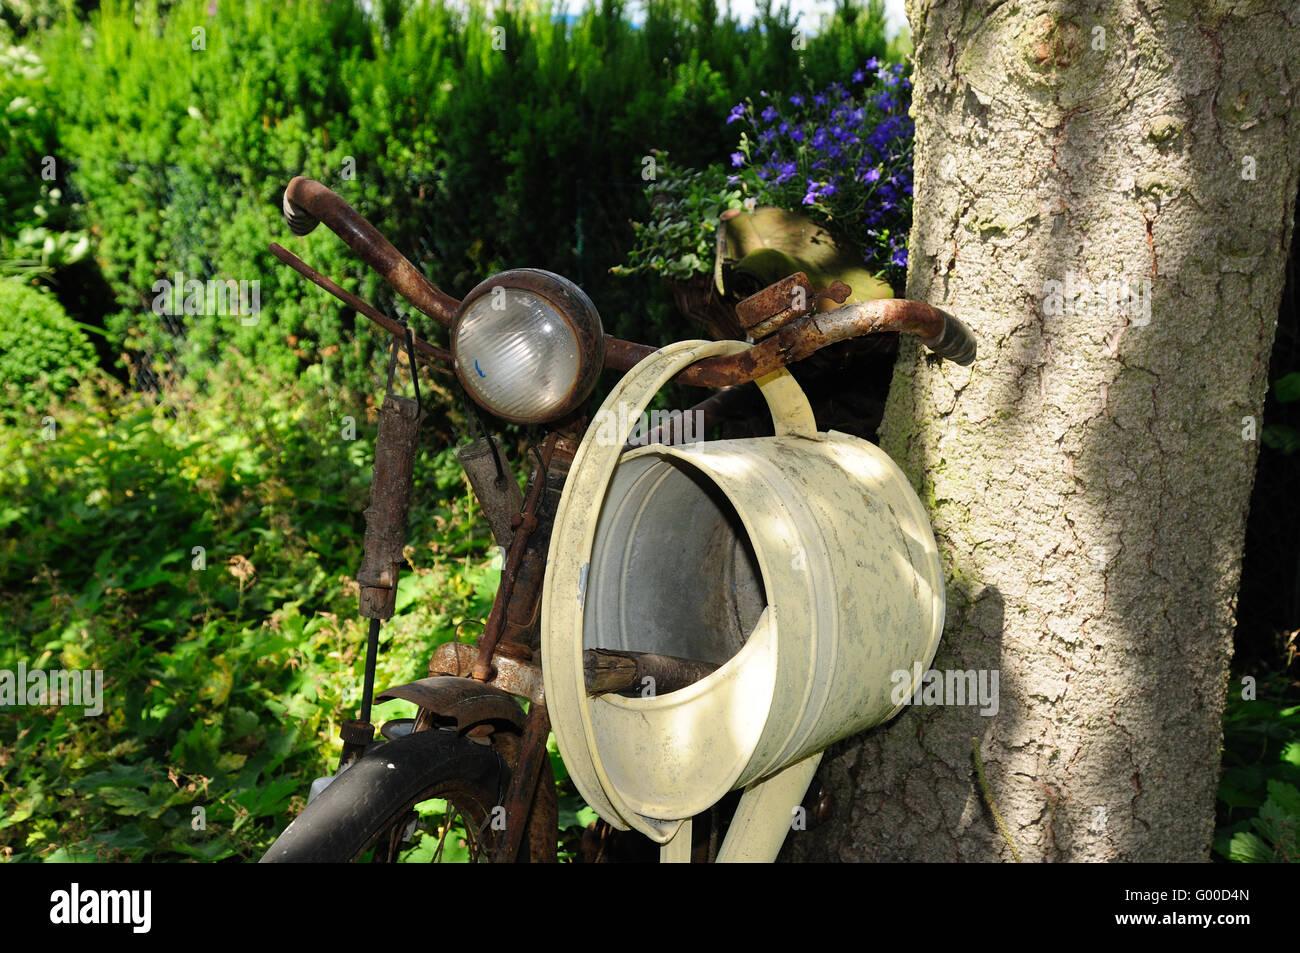 Sympathisch Gartentraum Ideen Von Old Bicycle In The Garden - Stock